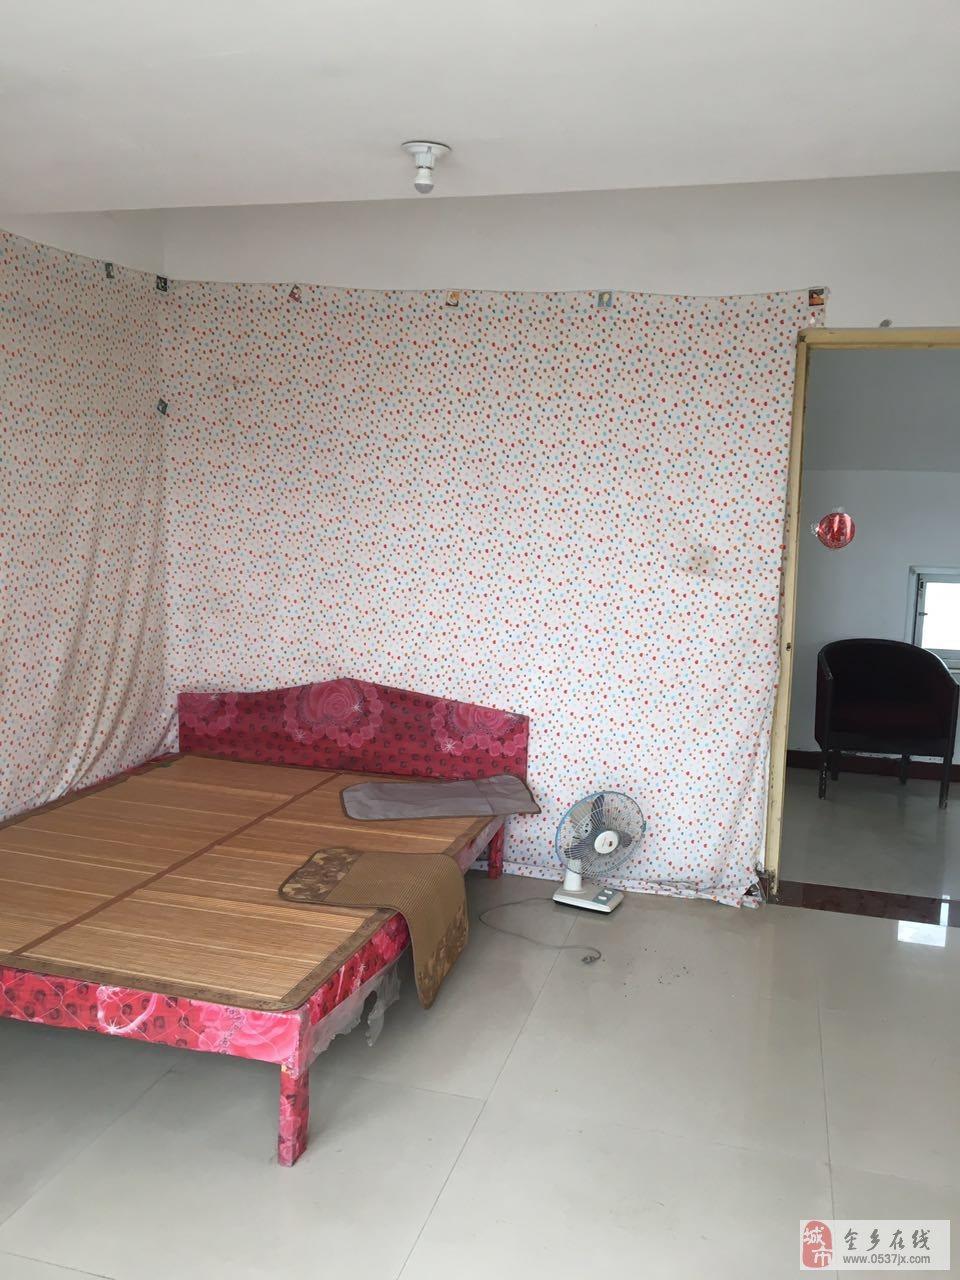 孙庄社区阁楼出租,已铺地,有家具,两间向阳卧室